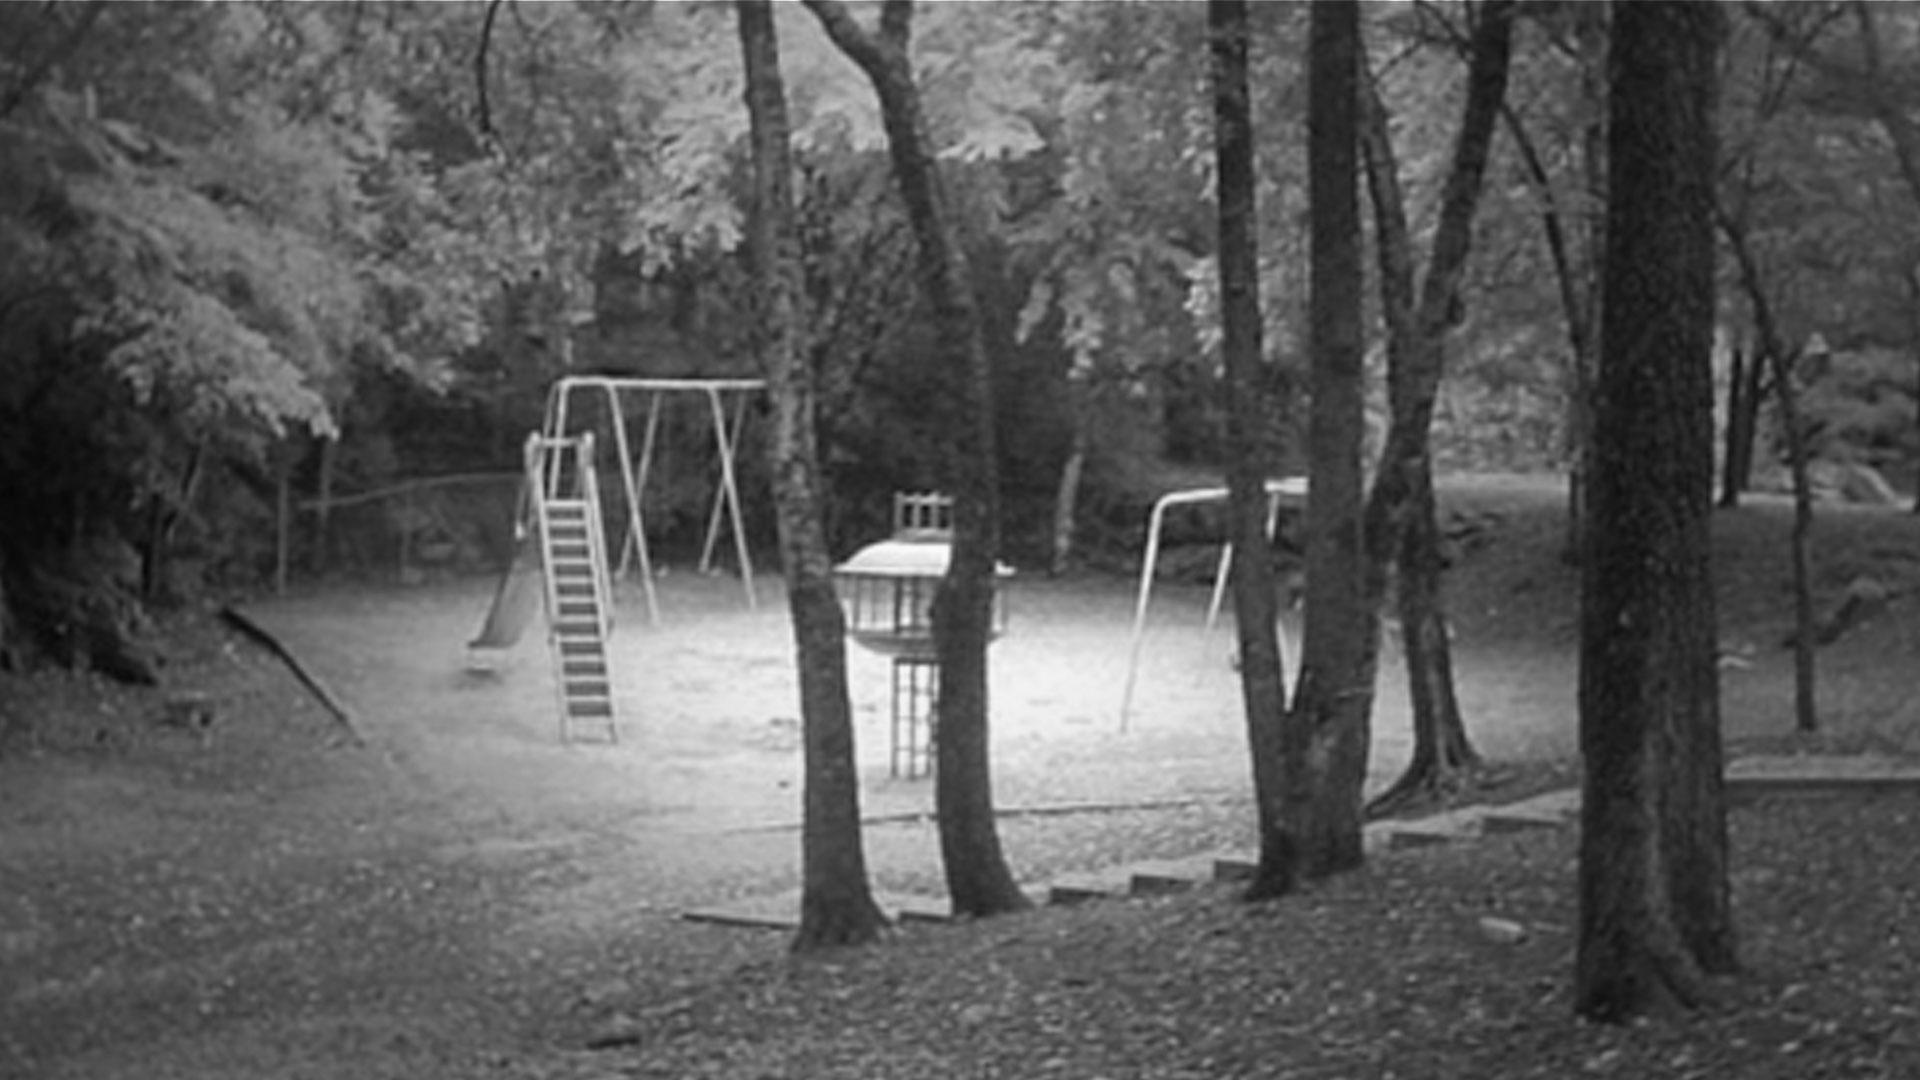 Dead Children's Playground